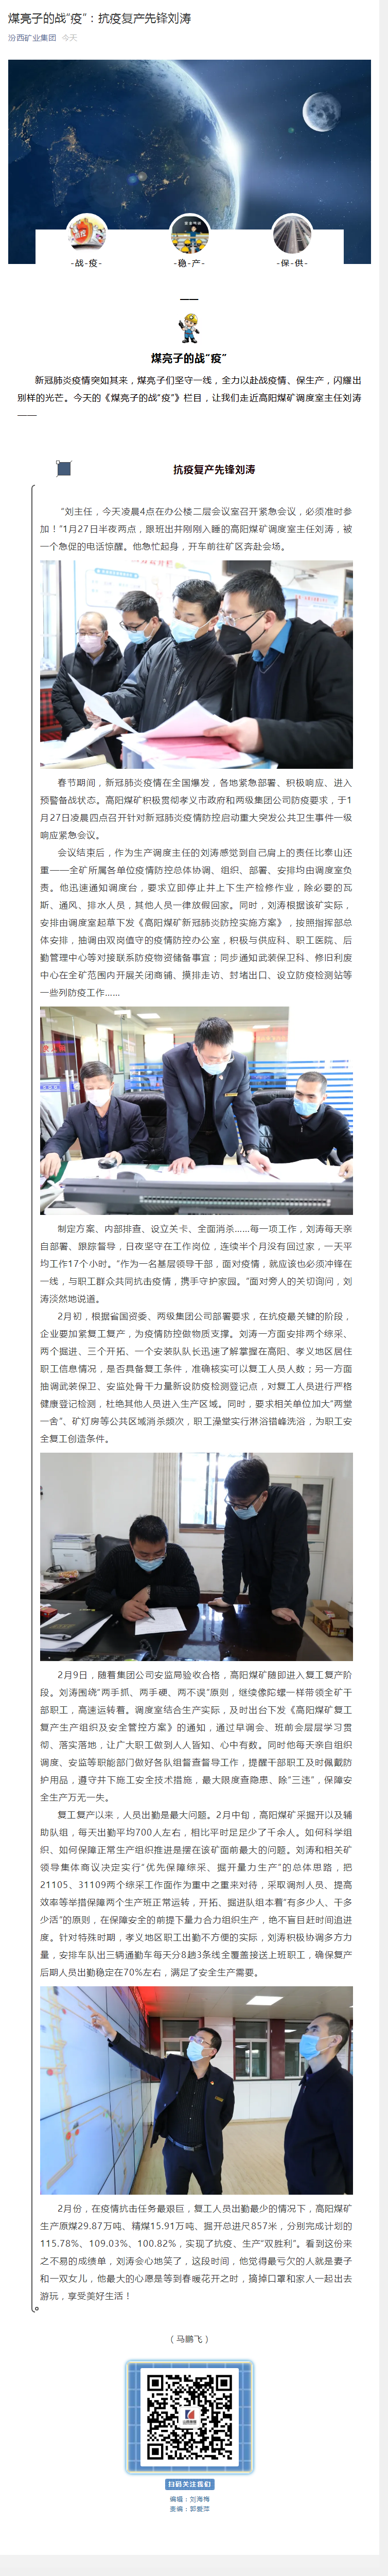 """煤亮子的战""""疫"""":抗疫复产先锋刘涛_.png"""